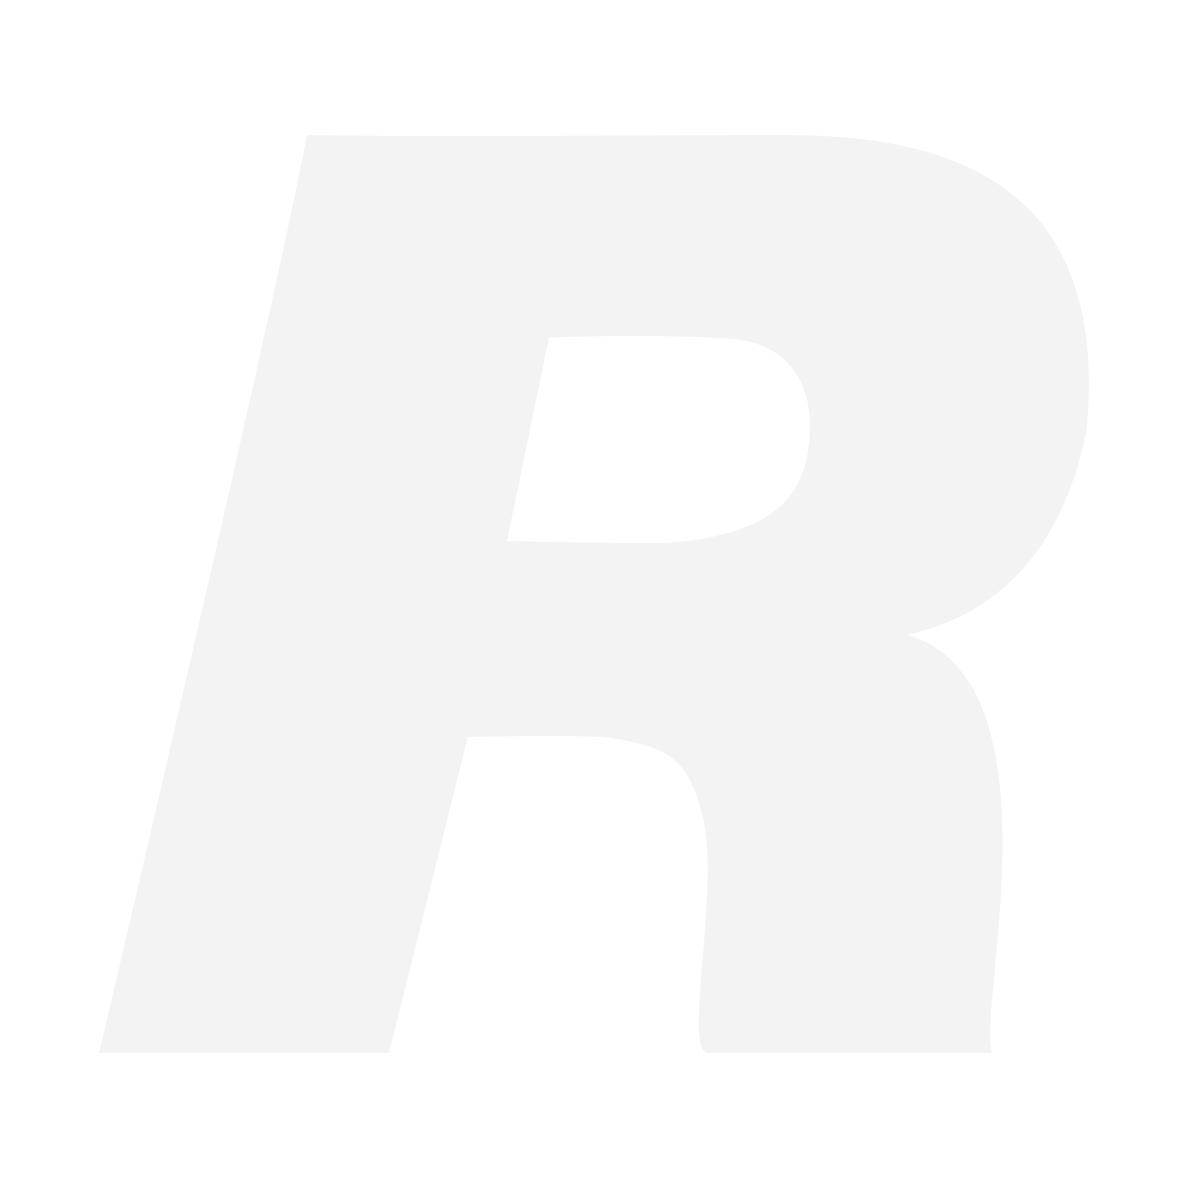 Manfrotto Pixi Plus pöytäjalusta, harmaa (MTPIXIPLUS-GY)